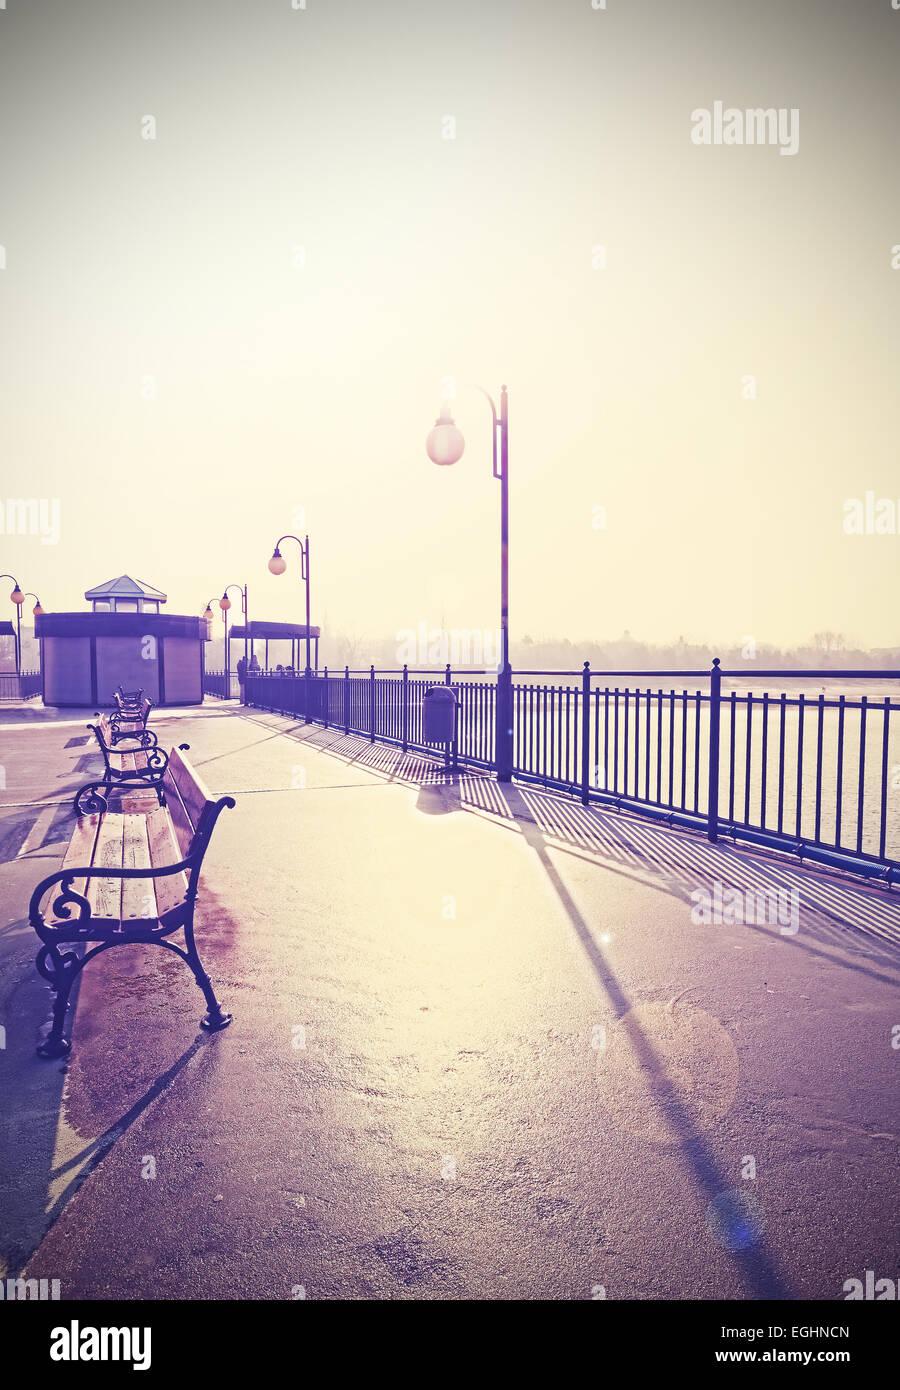 Retro Vintage gefilterte nostalgisches Bild der Promenade mit Linseneffekt. Stockbild